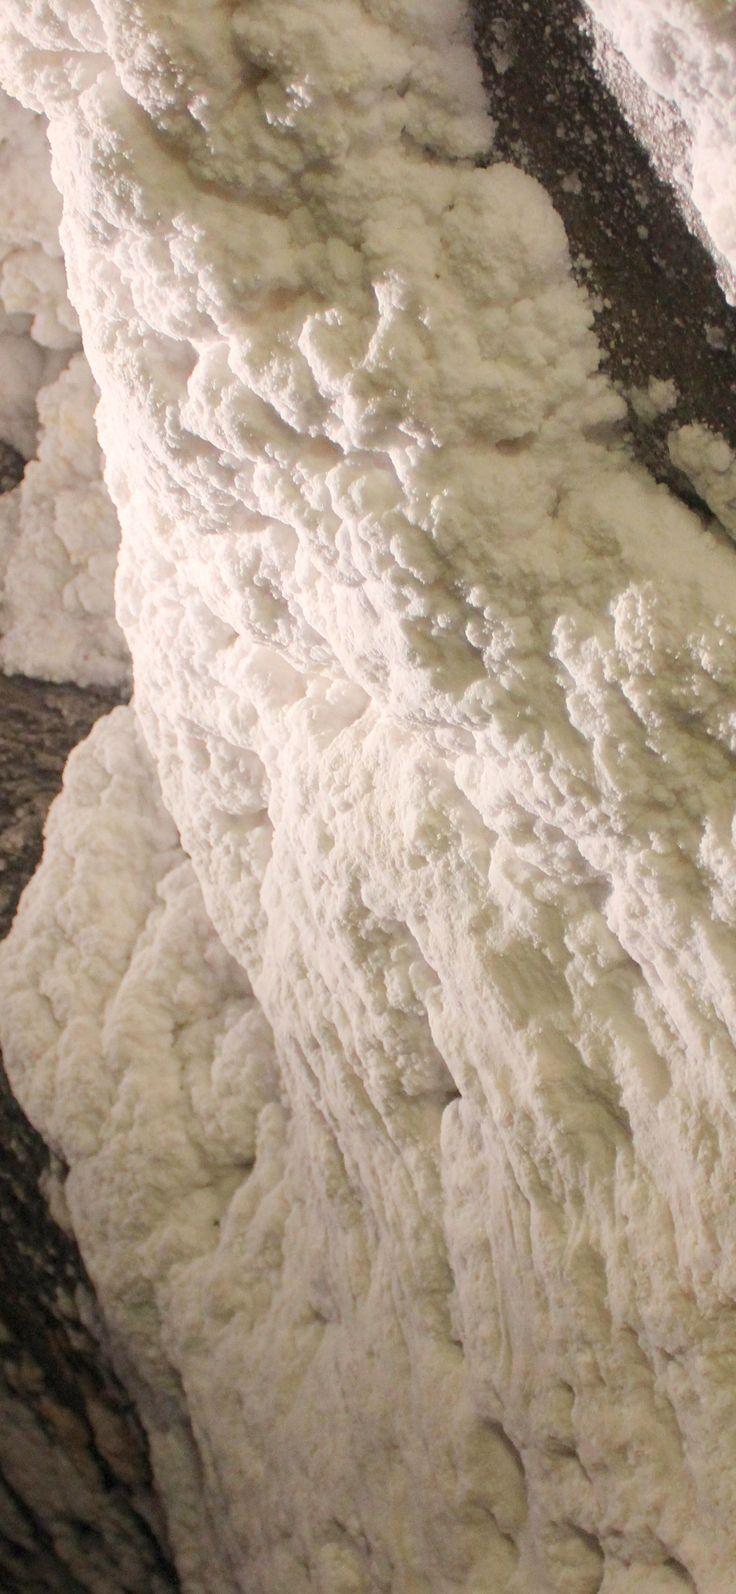 The Wieliczka Salt Mine, Poland www.travellinghistory.com